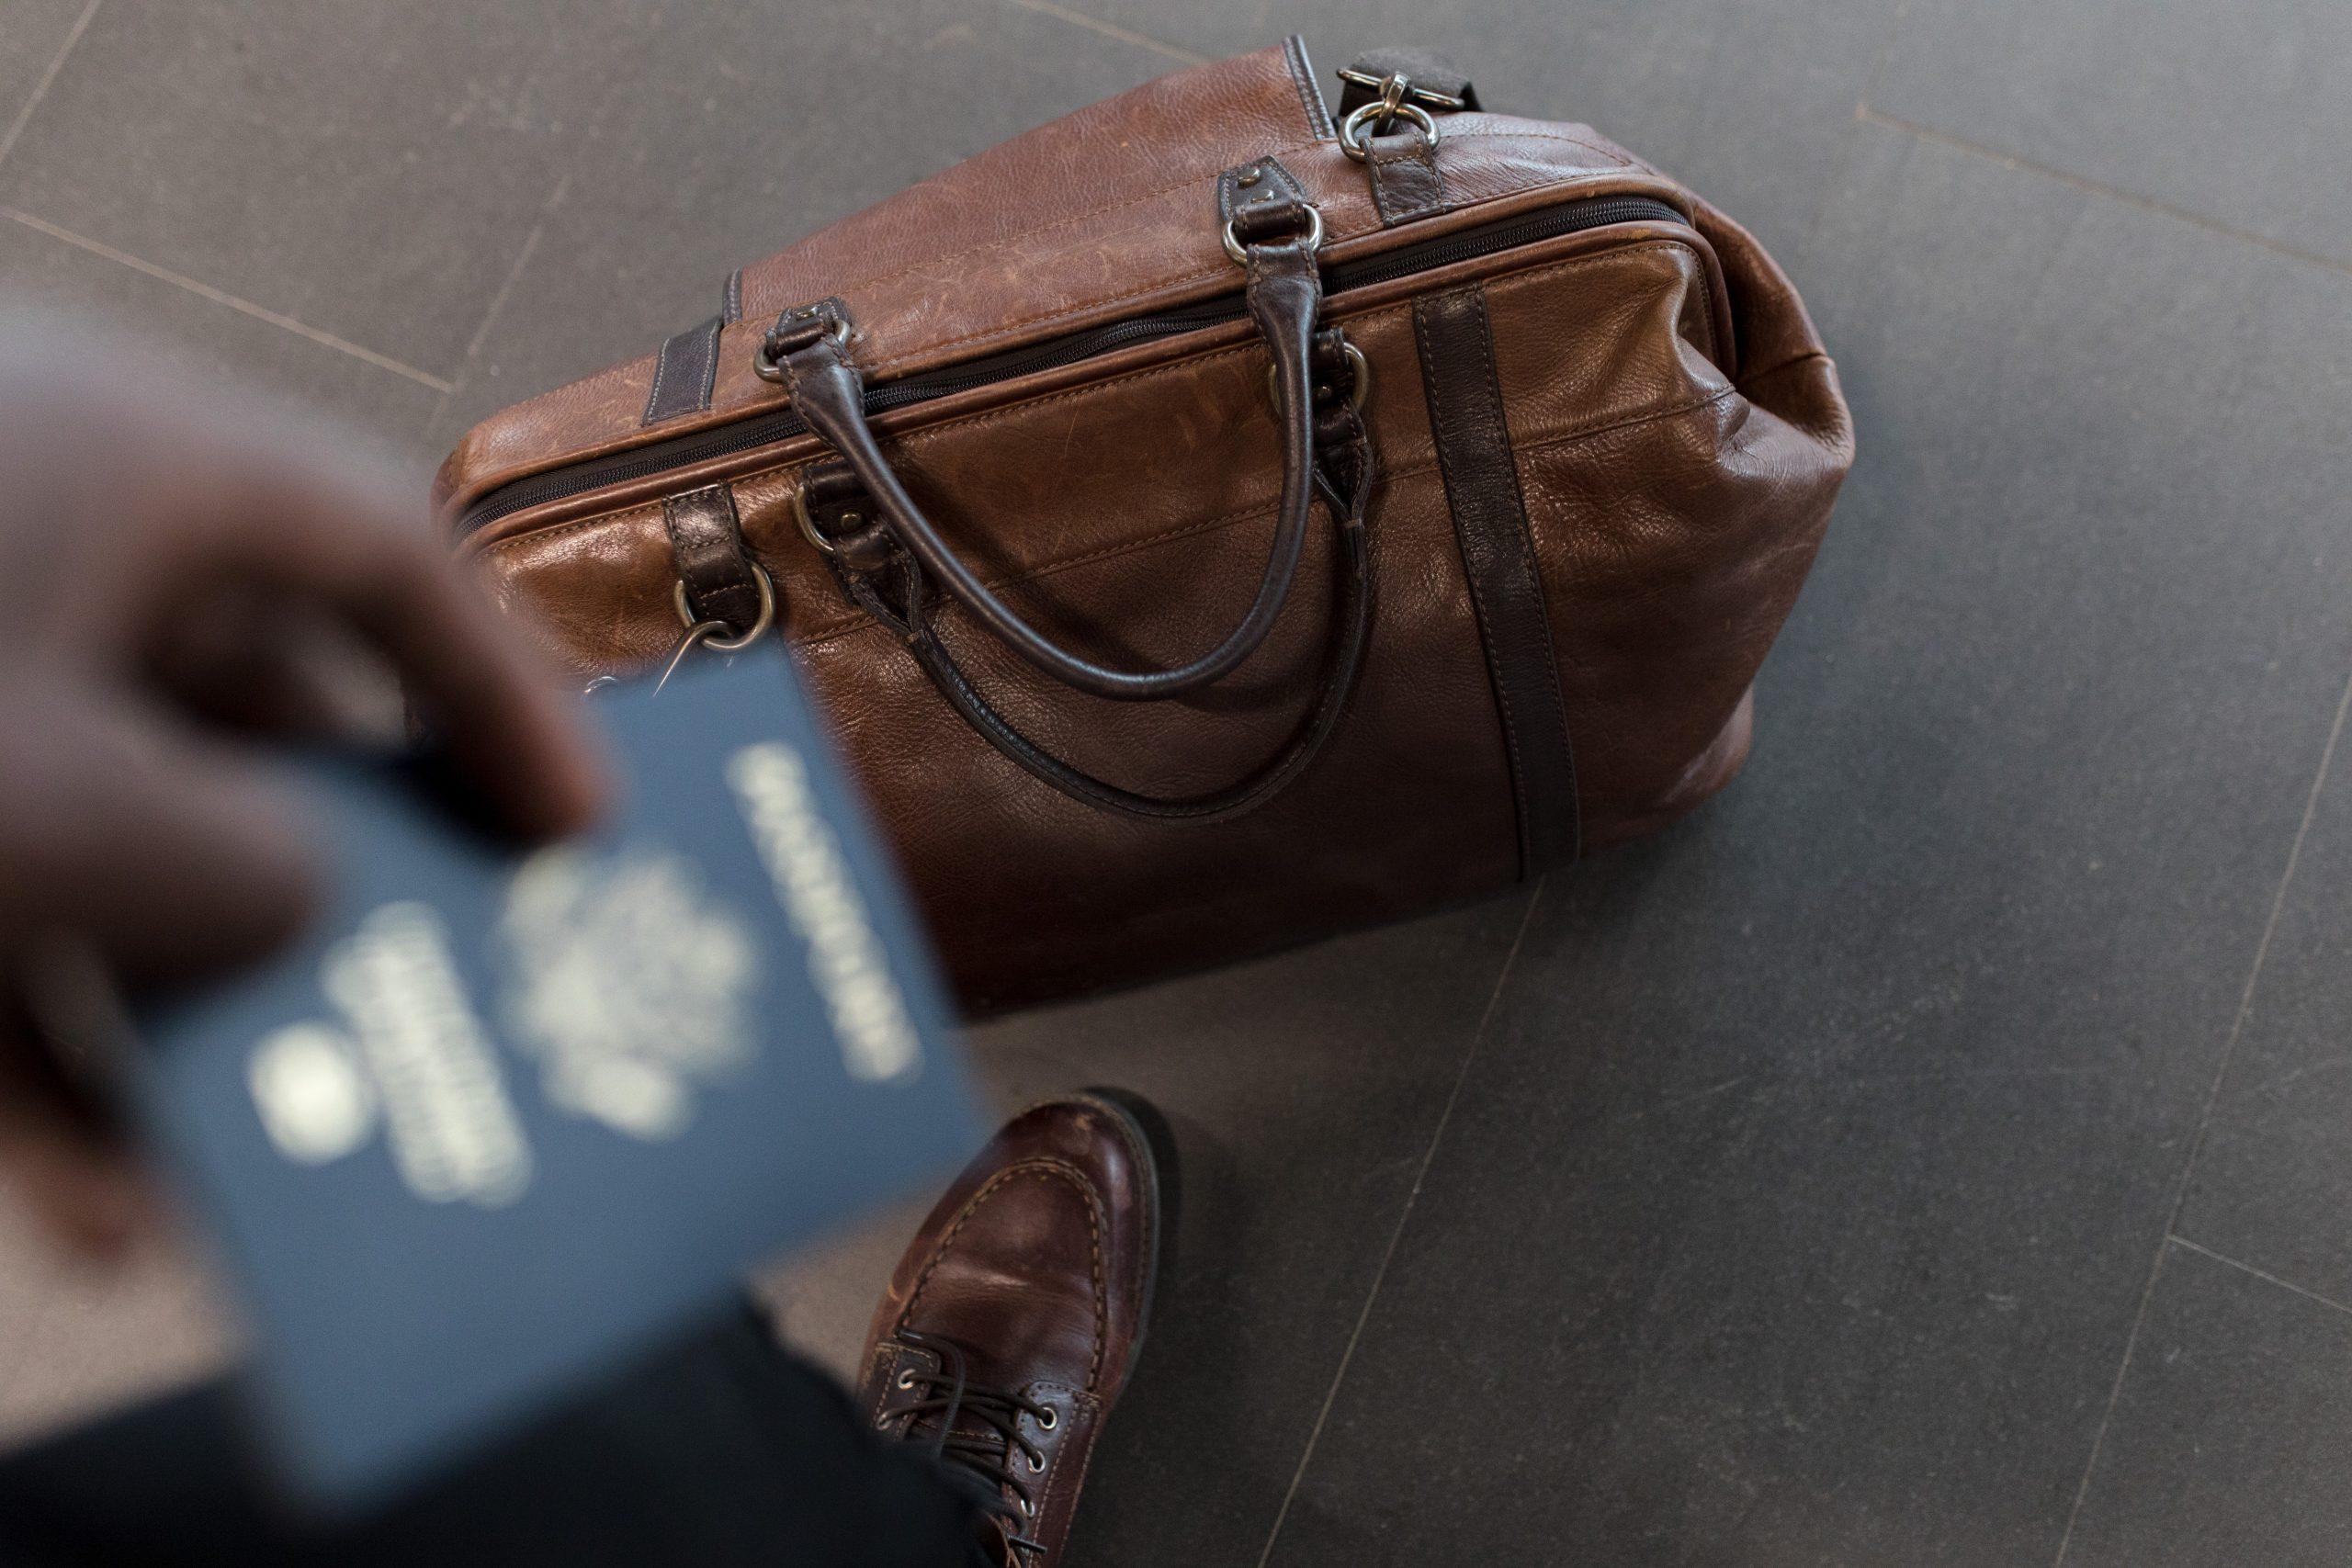 Ταξιδιωτική Ασφάλεια Covid